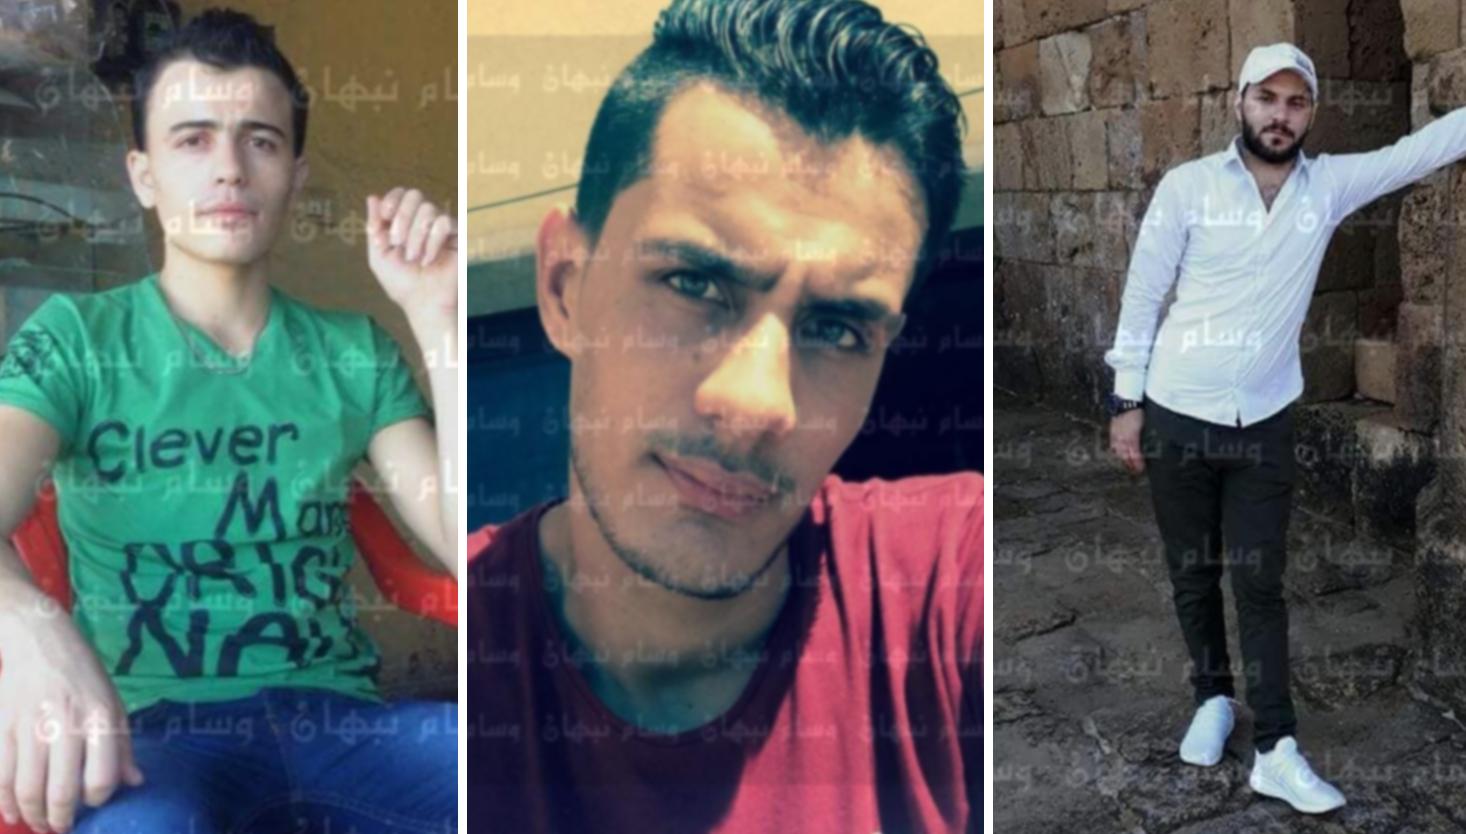 هشام وحمزة ونسيم، نزحوا هروباً من جحيم نيران الحرب السورية، ليلاقيهم الموت في سبيل لقمة العيش داخل فرن في صور